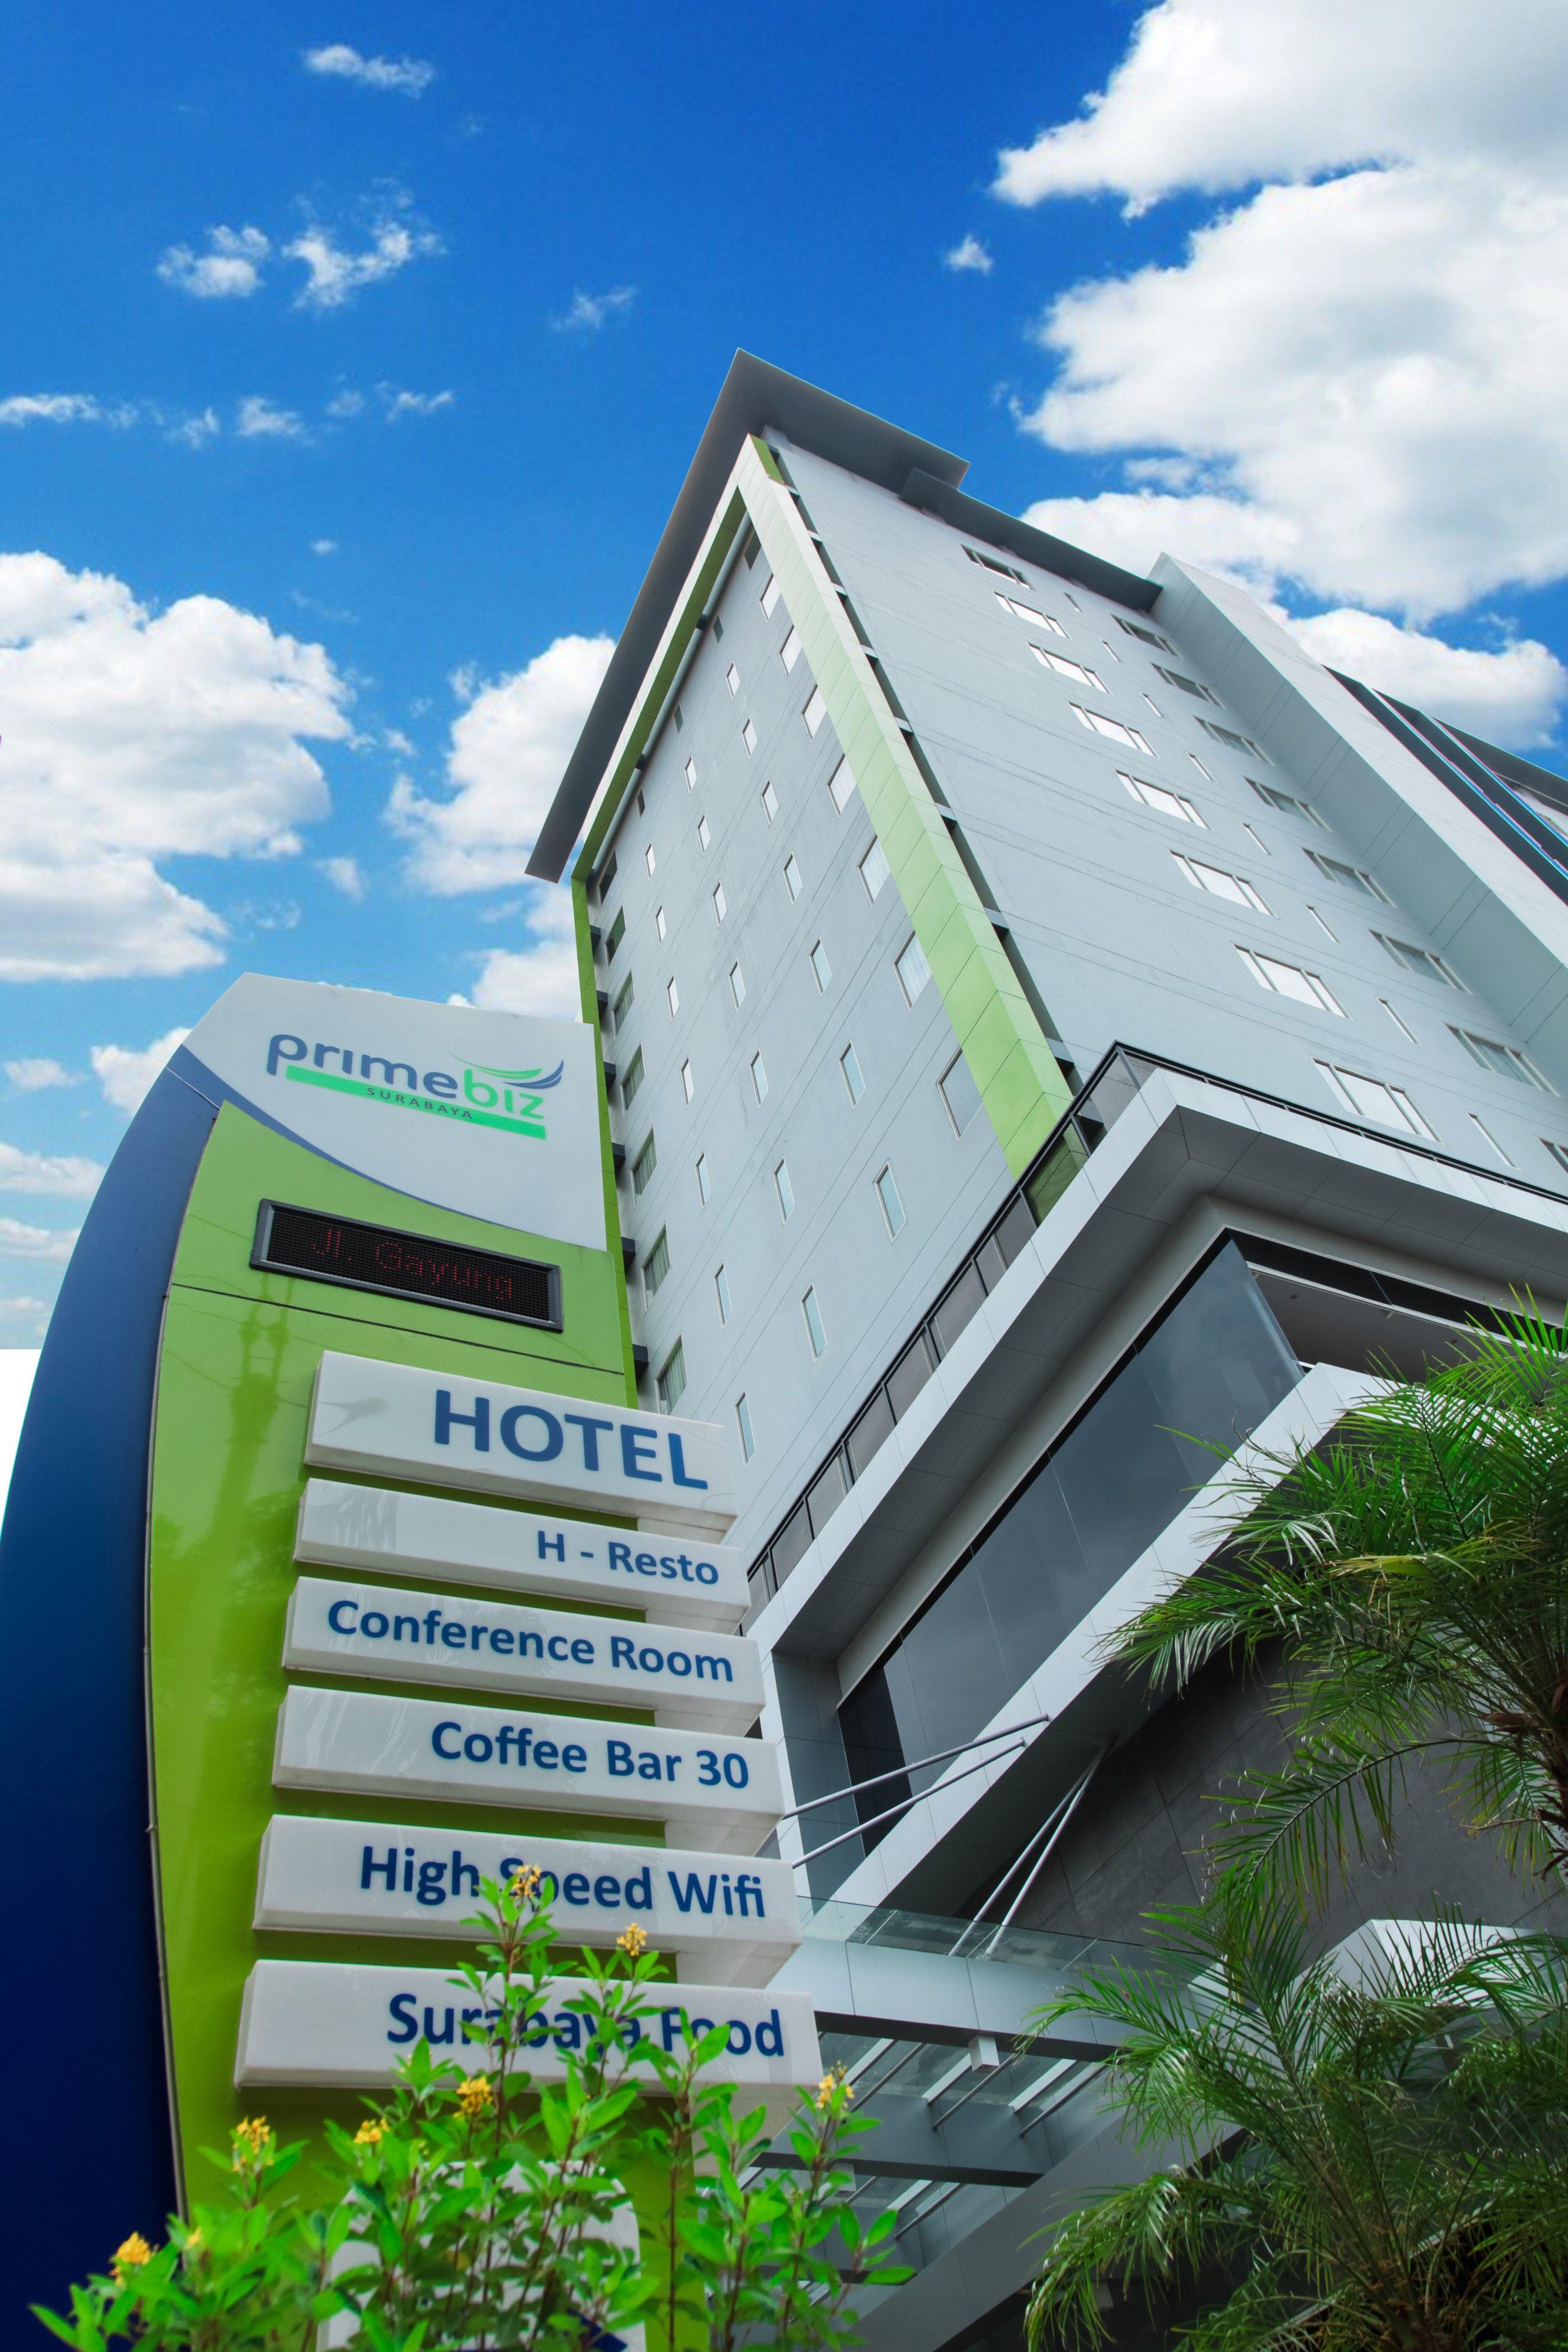 PrimeBiz Hotel Surabaya,Surabaya Plaza Shopping Mall